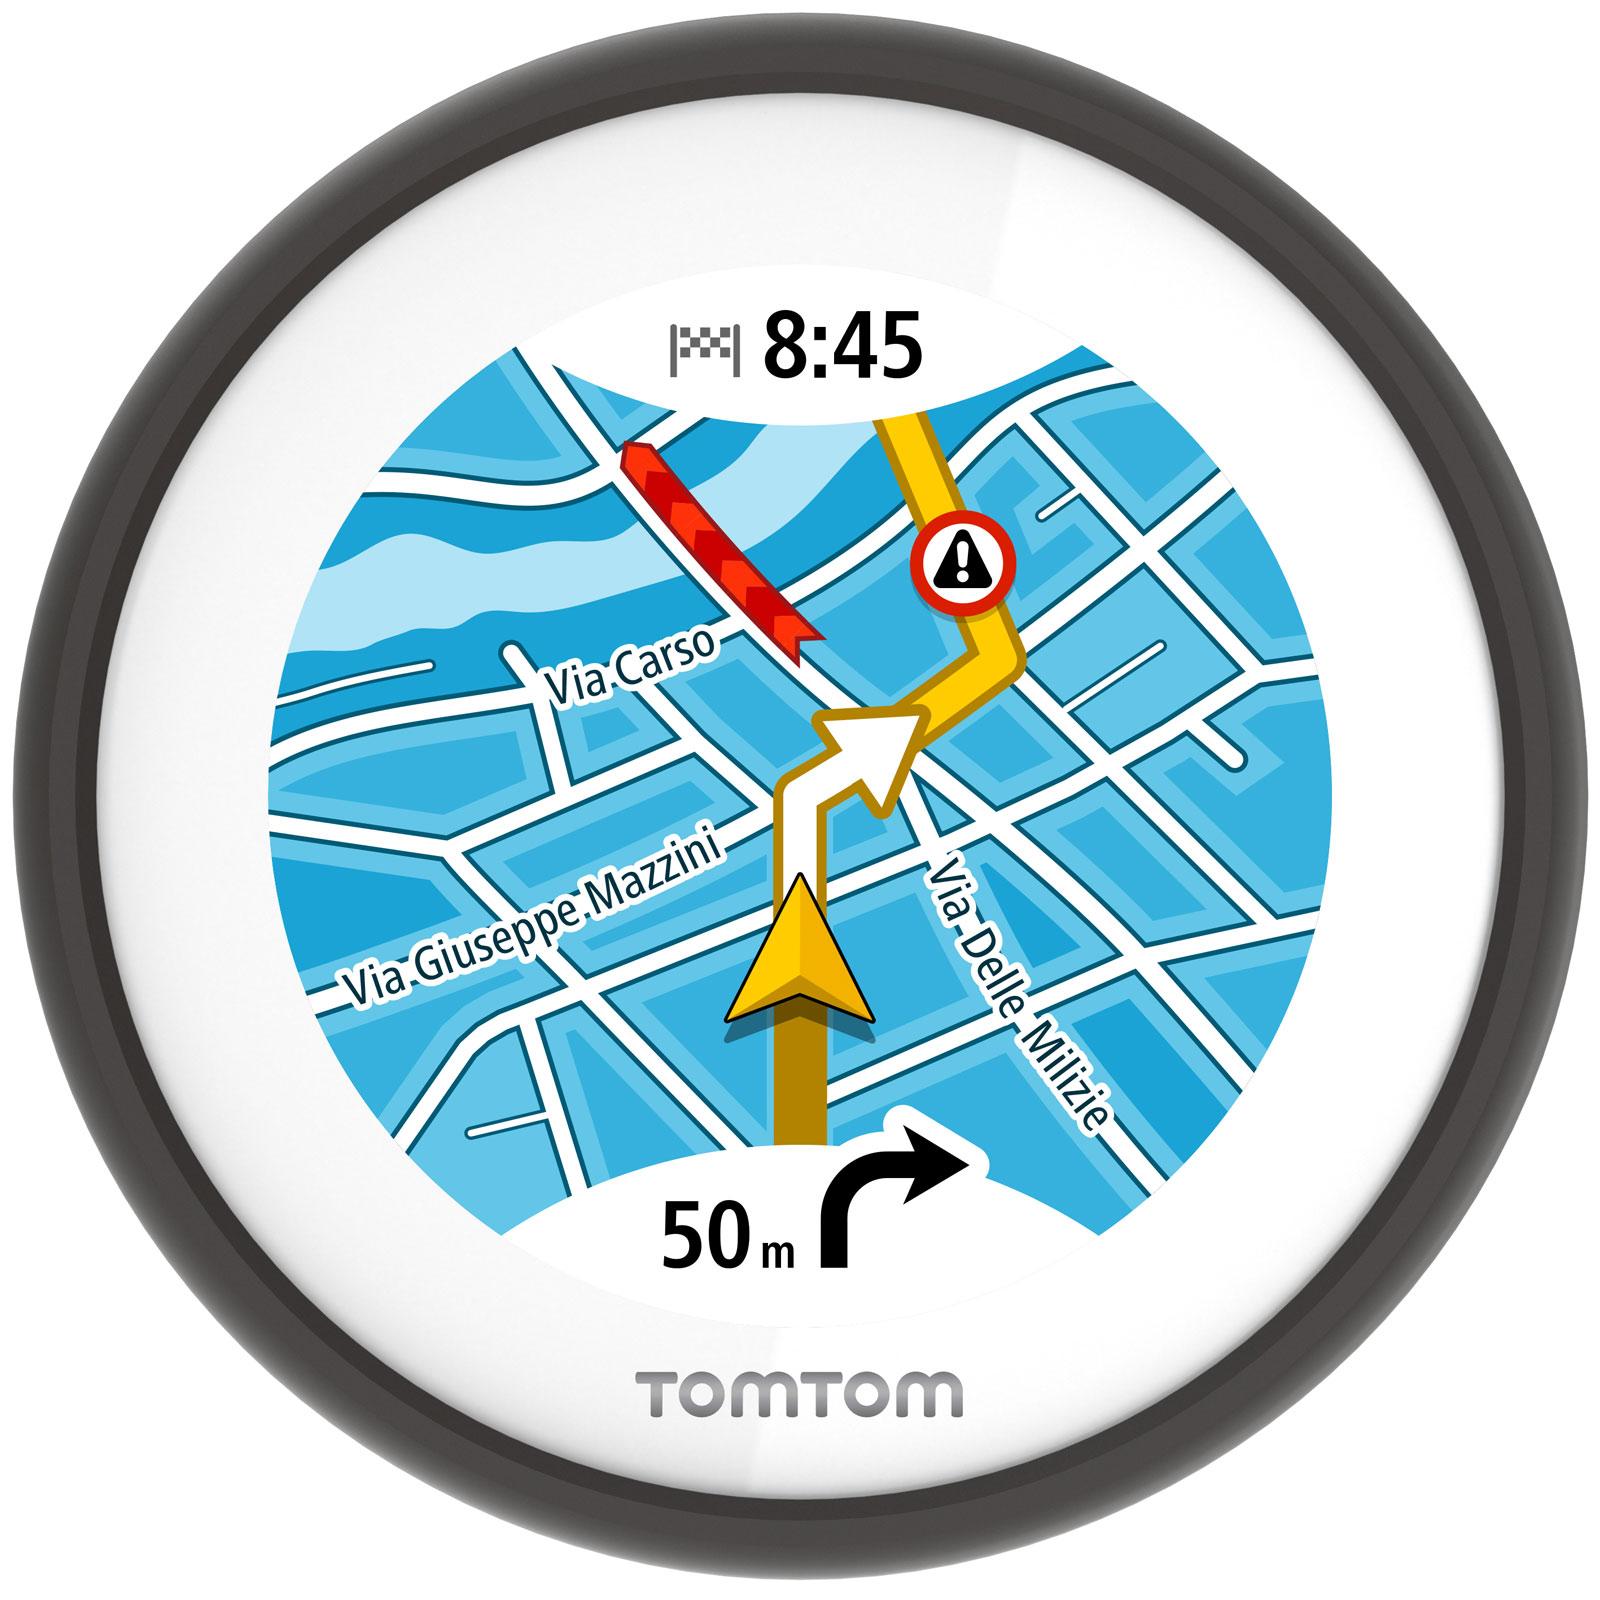 """GPS TomTom VIO GPS pour scooter - Ecran tactile circulaire 2.4"""" - Etanche (IPX7) - Europe - TomTom Trafic et radars à vie"""